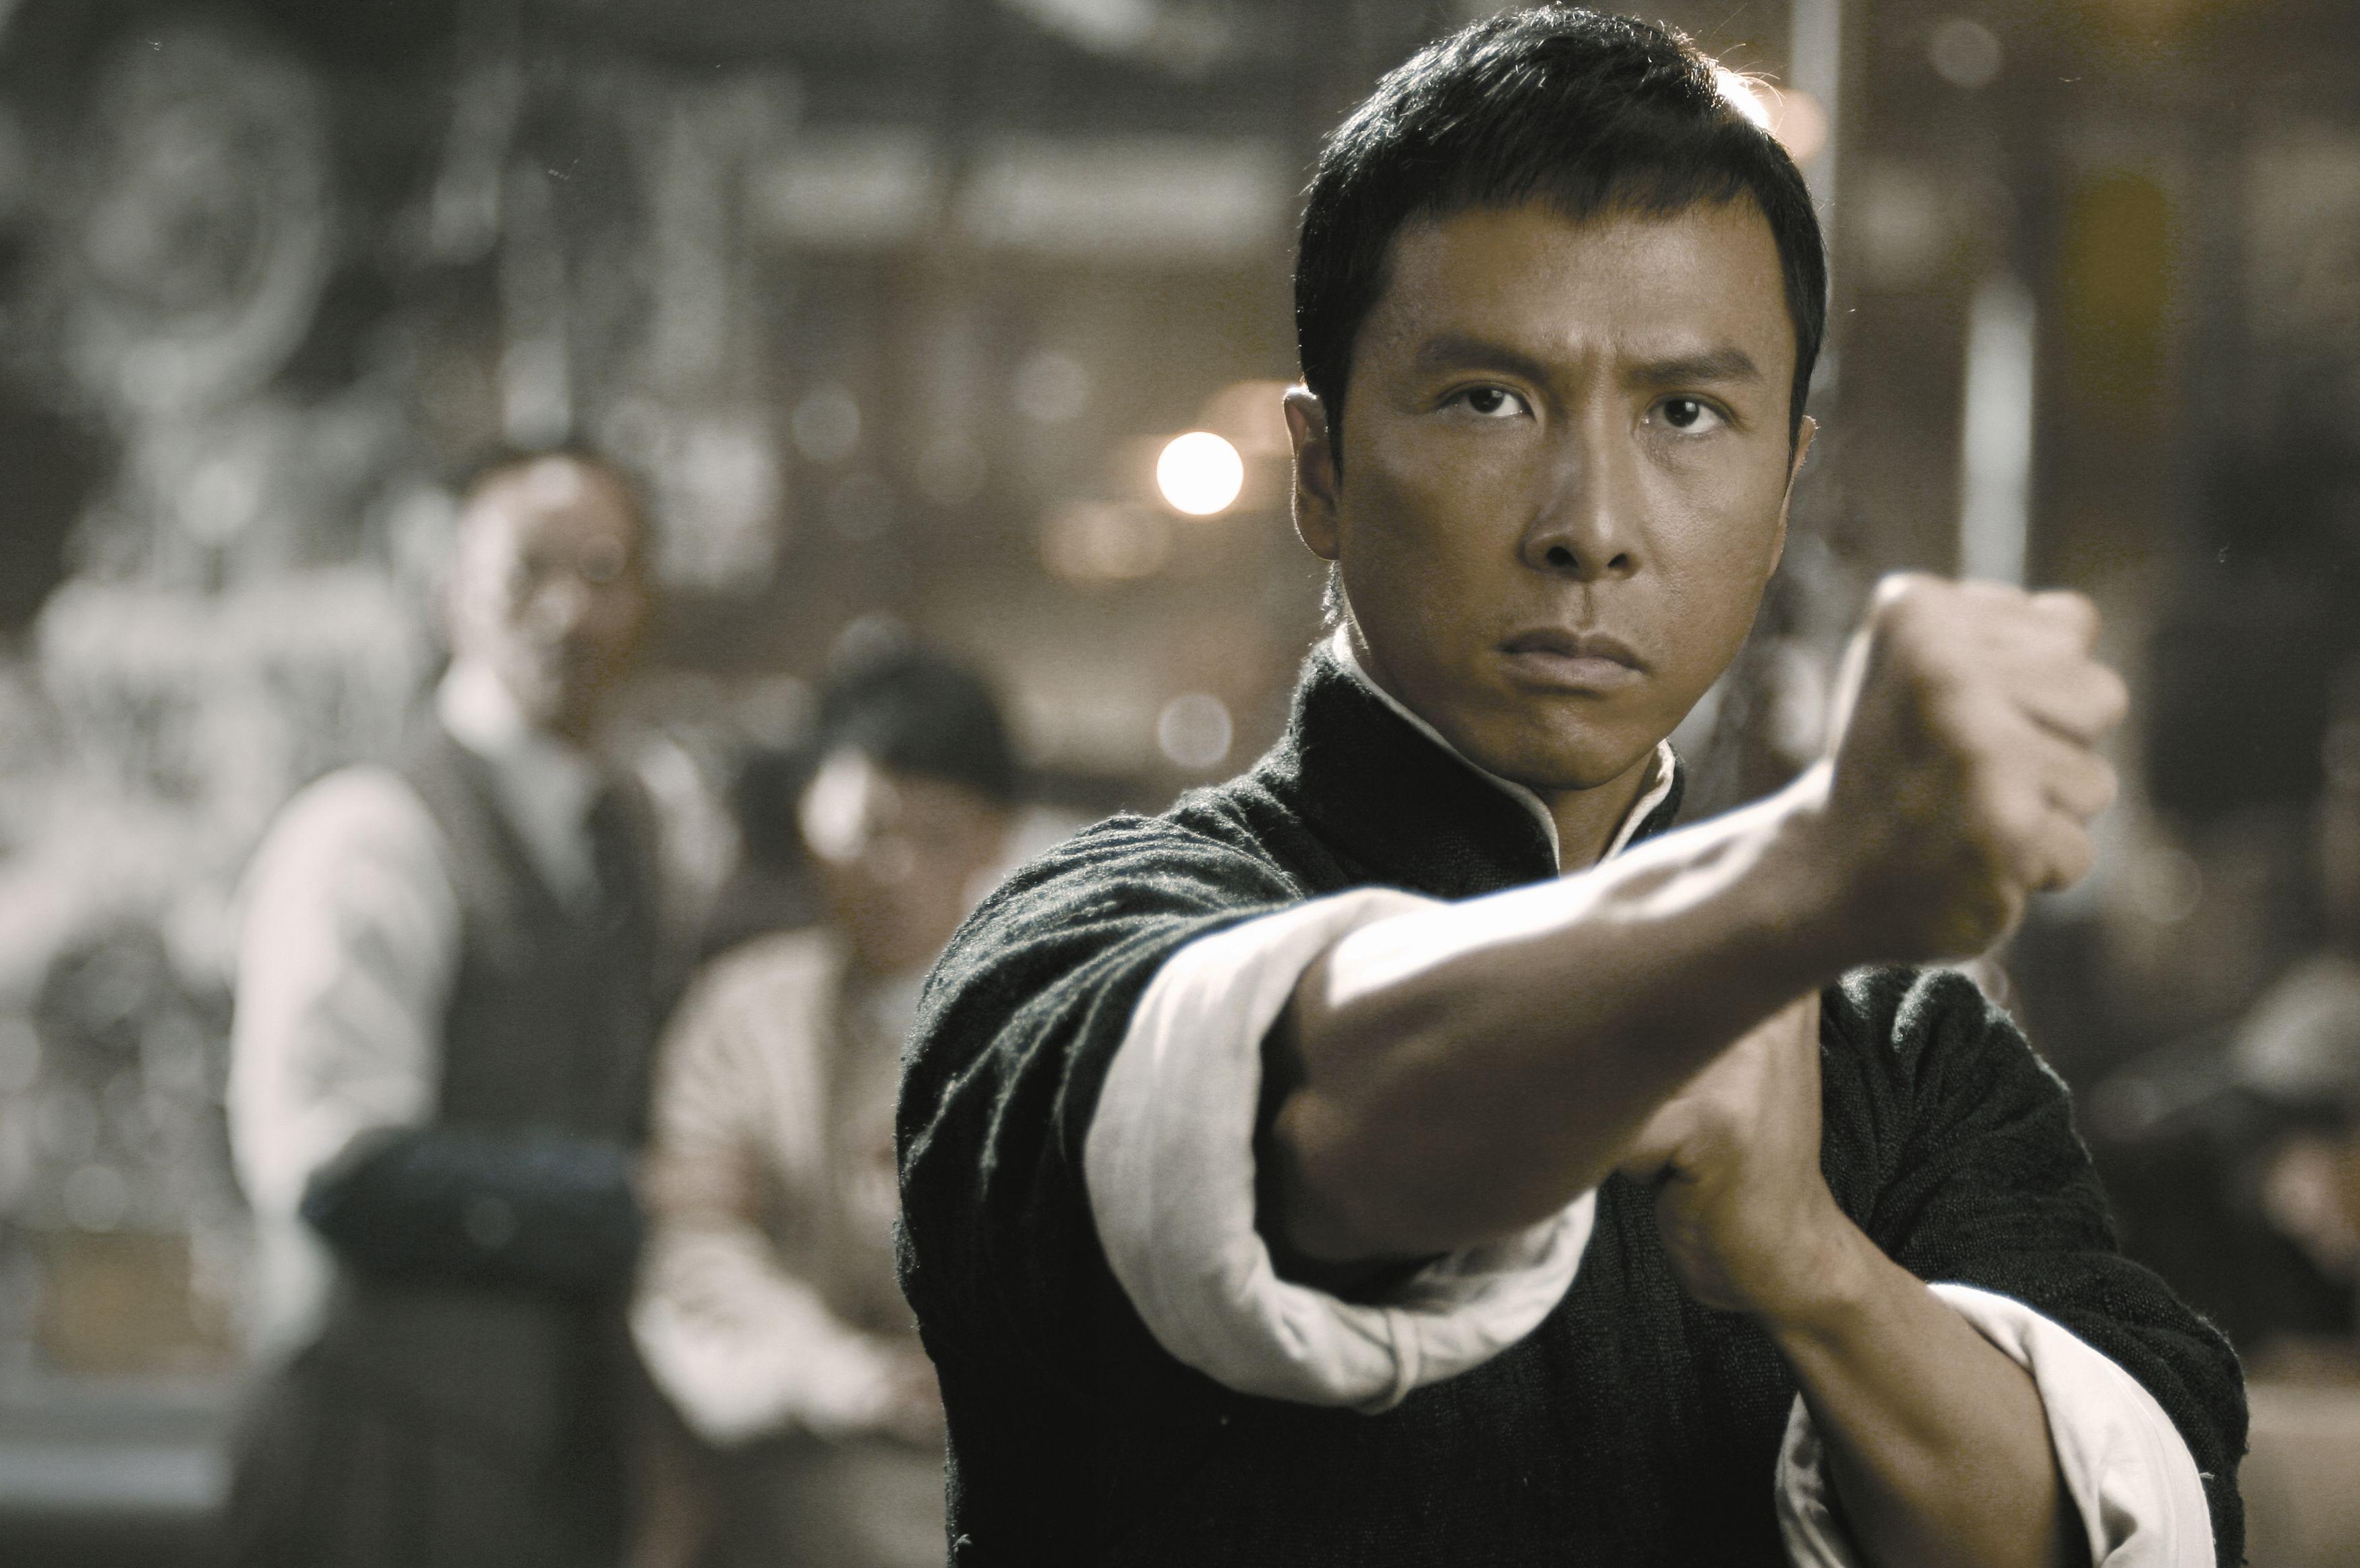 甄子丹拍《叶问4》片酬超过1亿港元,老板黄百鸣仍觉得图片